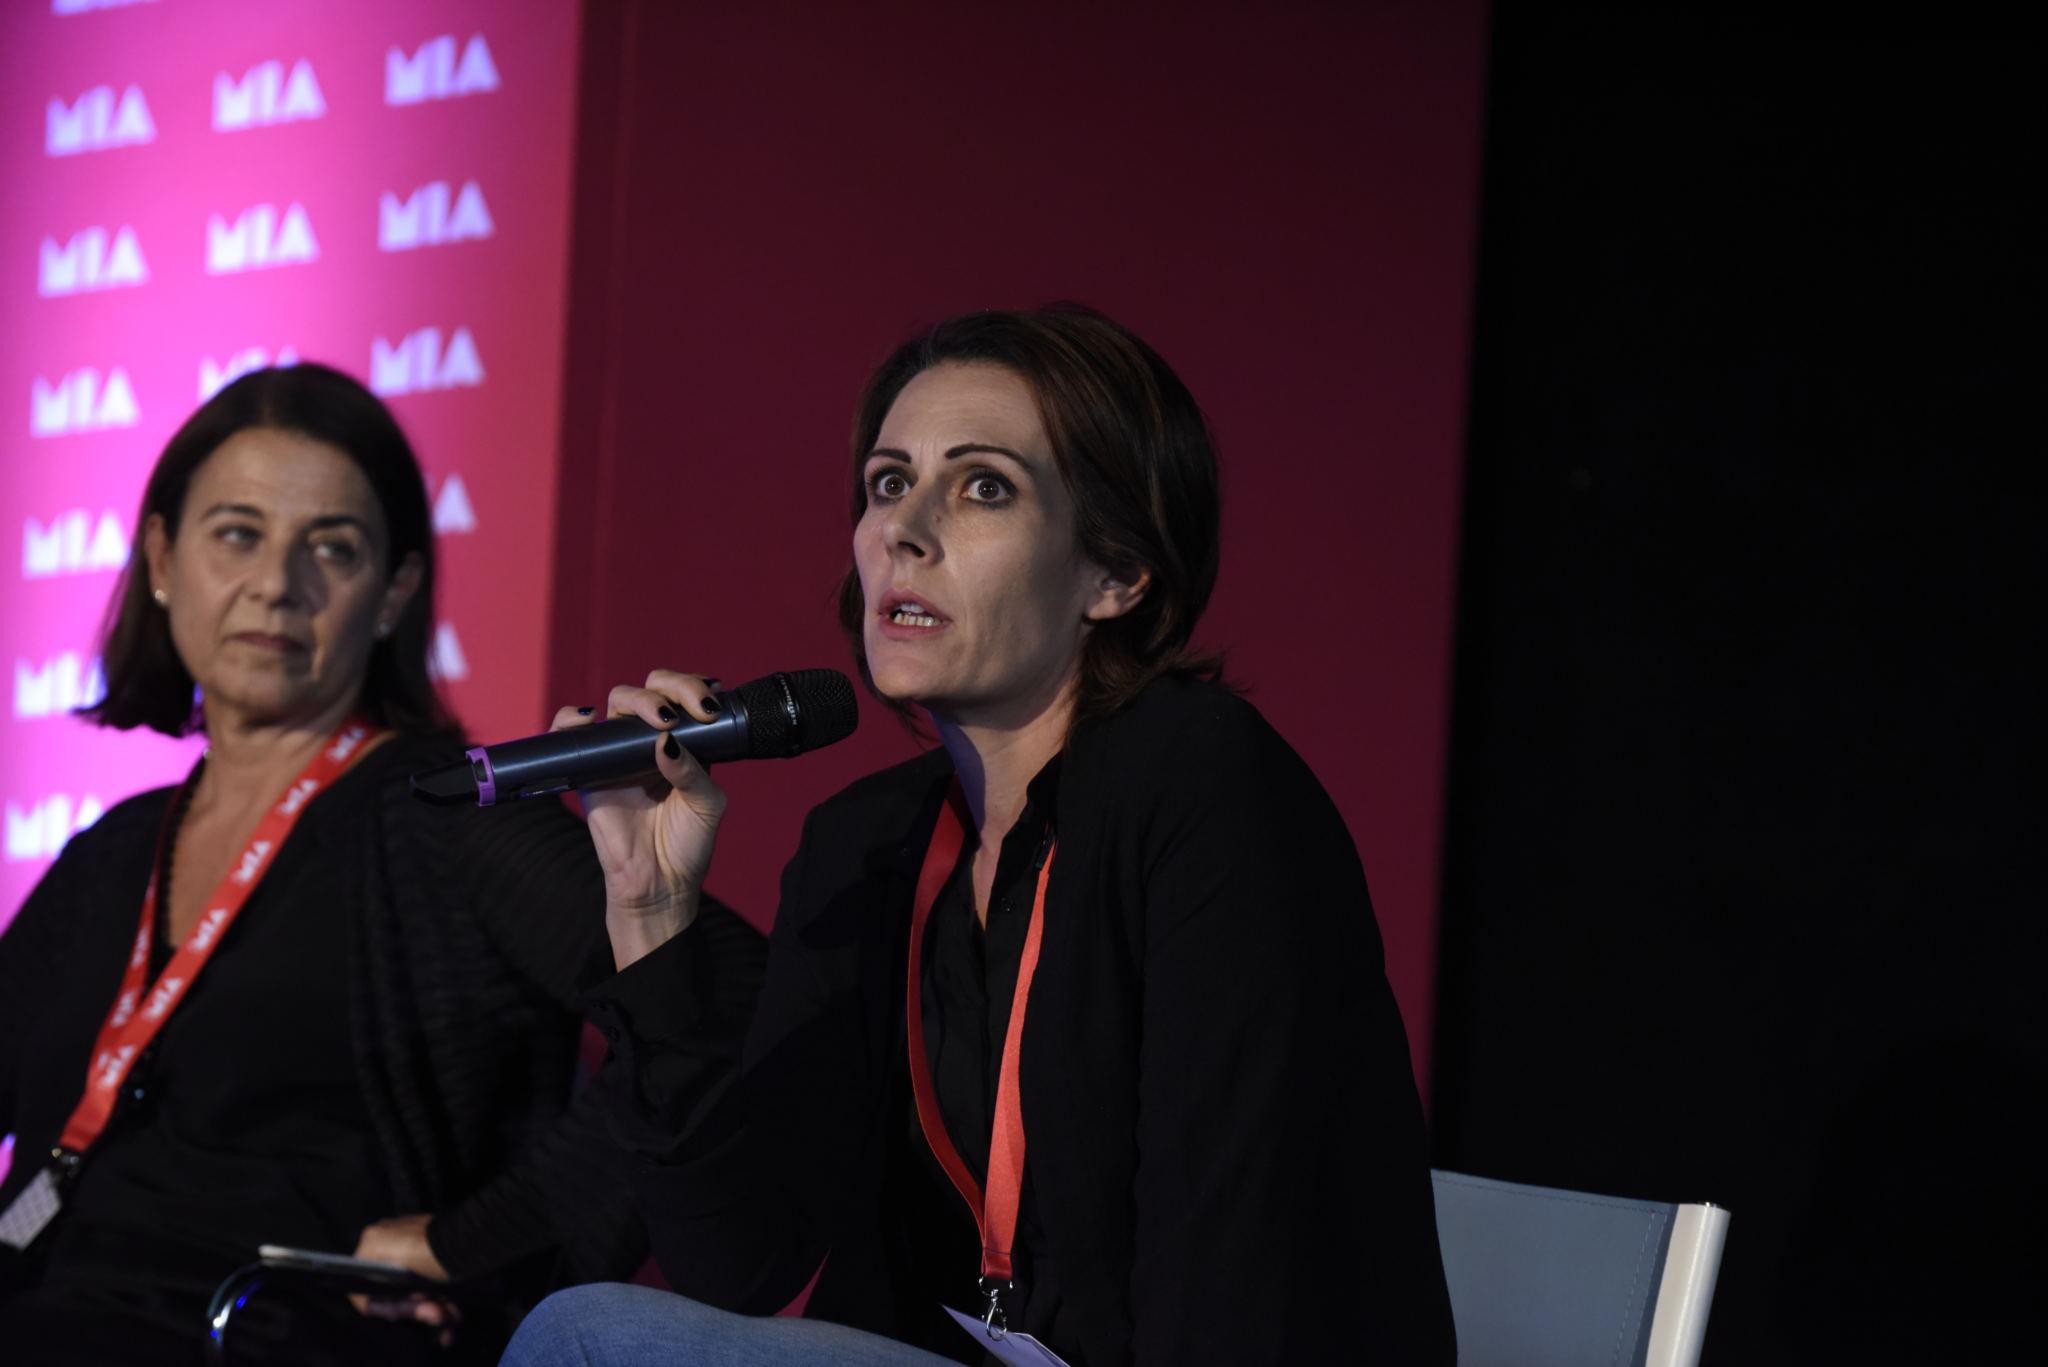 Stefania Ippoliti, Lucia Milazzotto